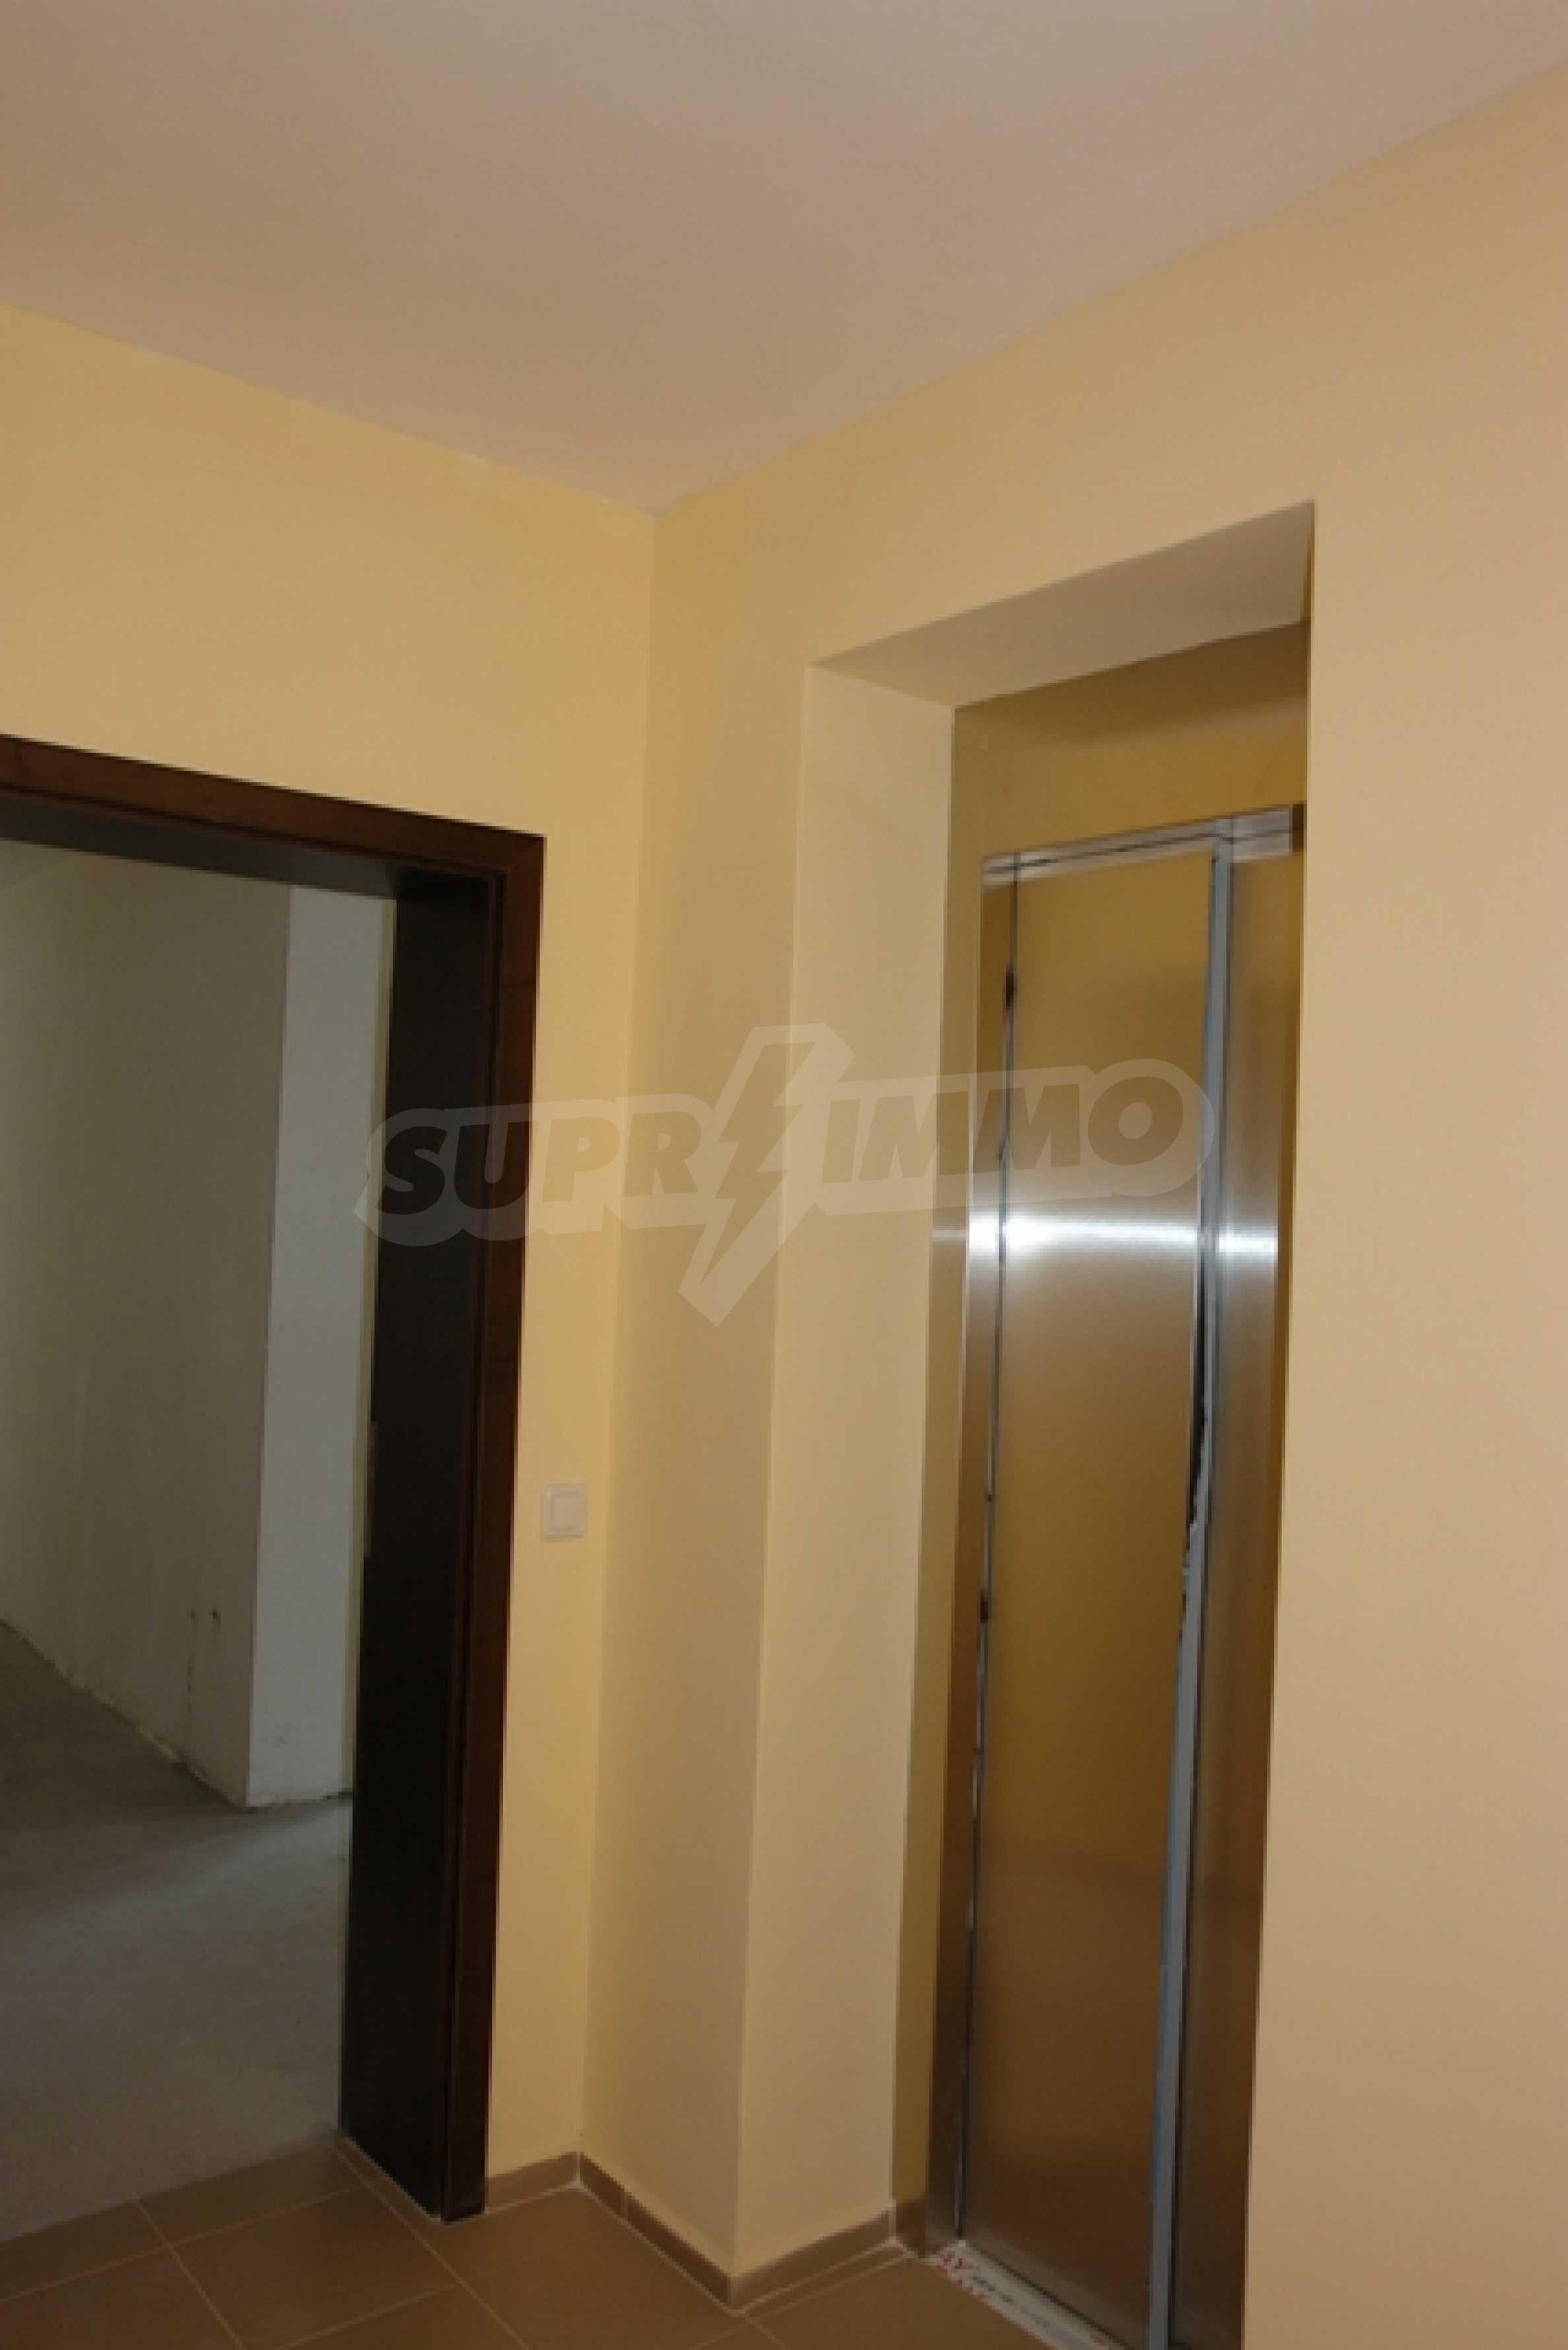 Apartment mit zwei Schlafzimmern in Rousse mit atemberaubendem Panorama auf die Stadt 4